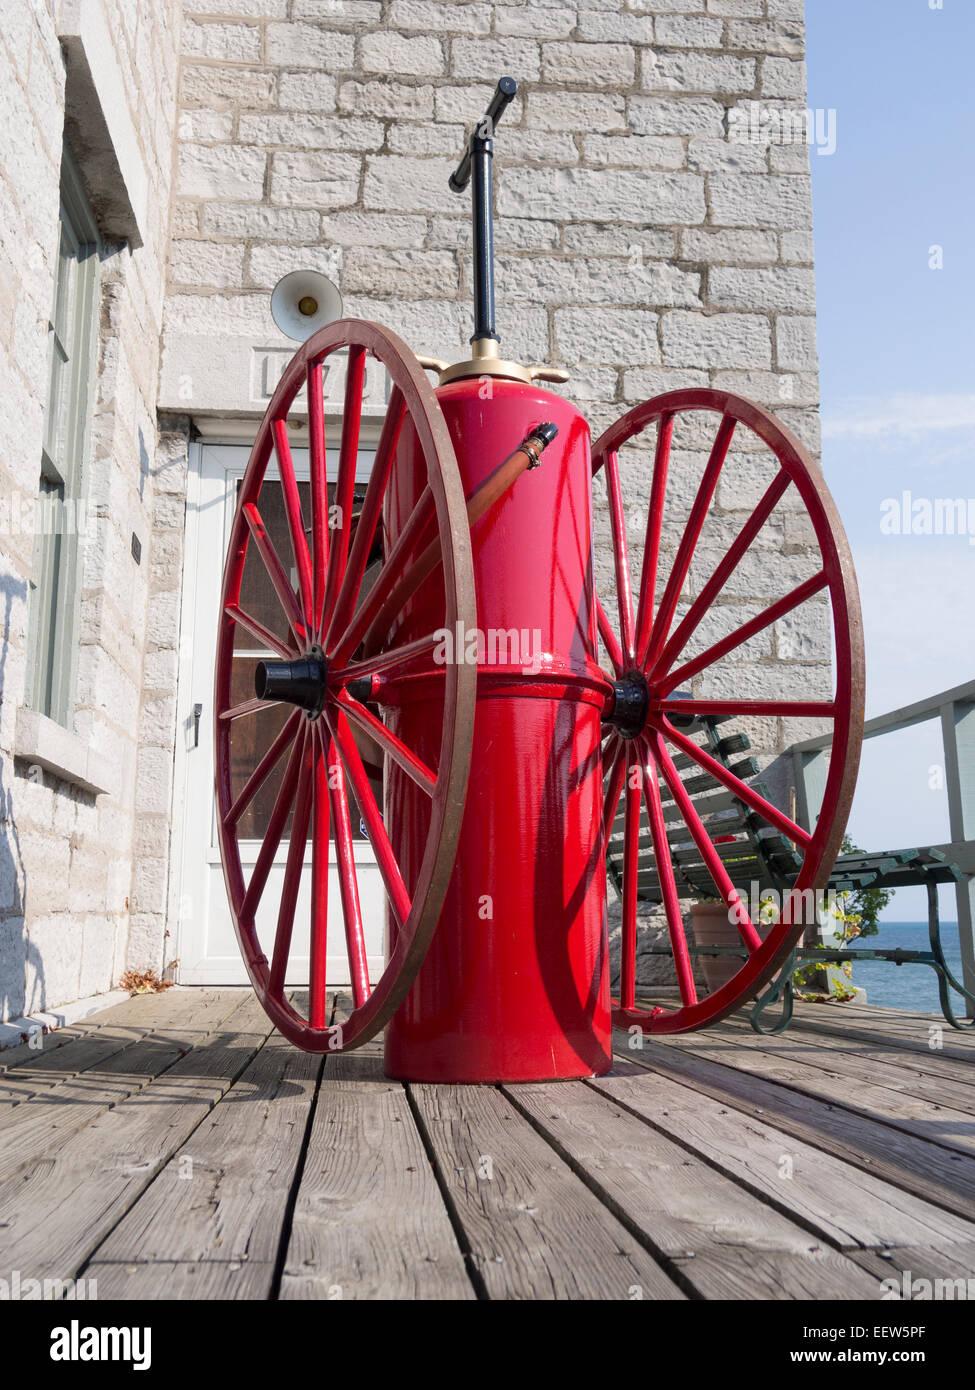 Equipo de lucha contra incendios de antigüedades en rojo. Tanque de presión de bombeo de mano de antigüedades Imagen De Stock